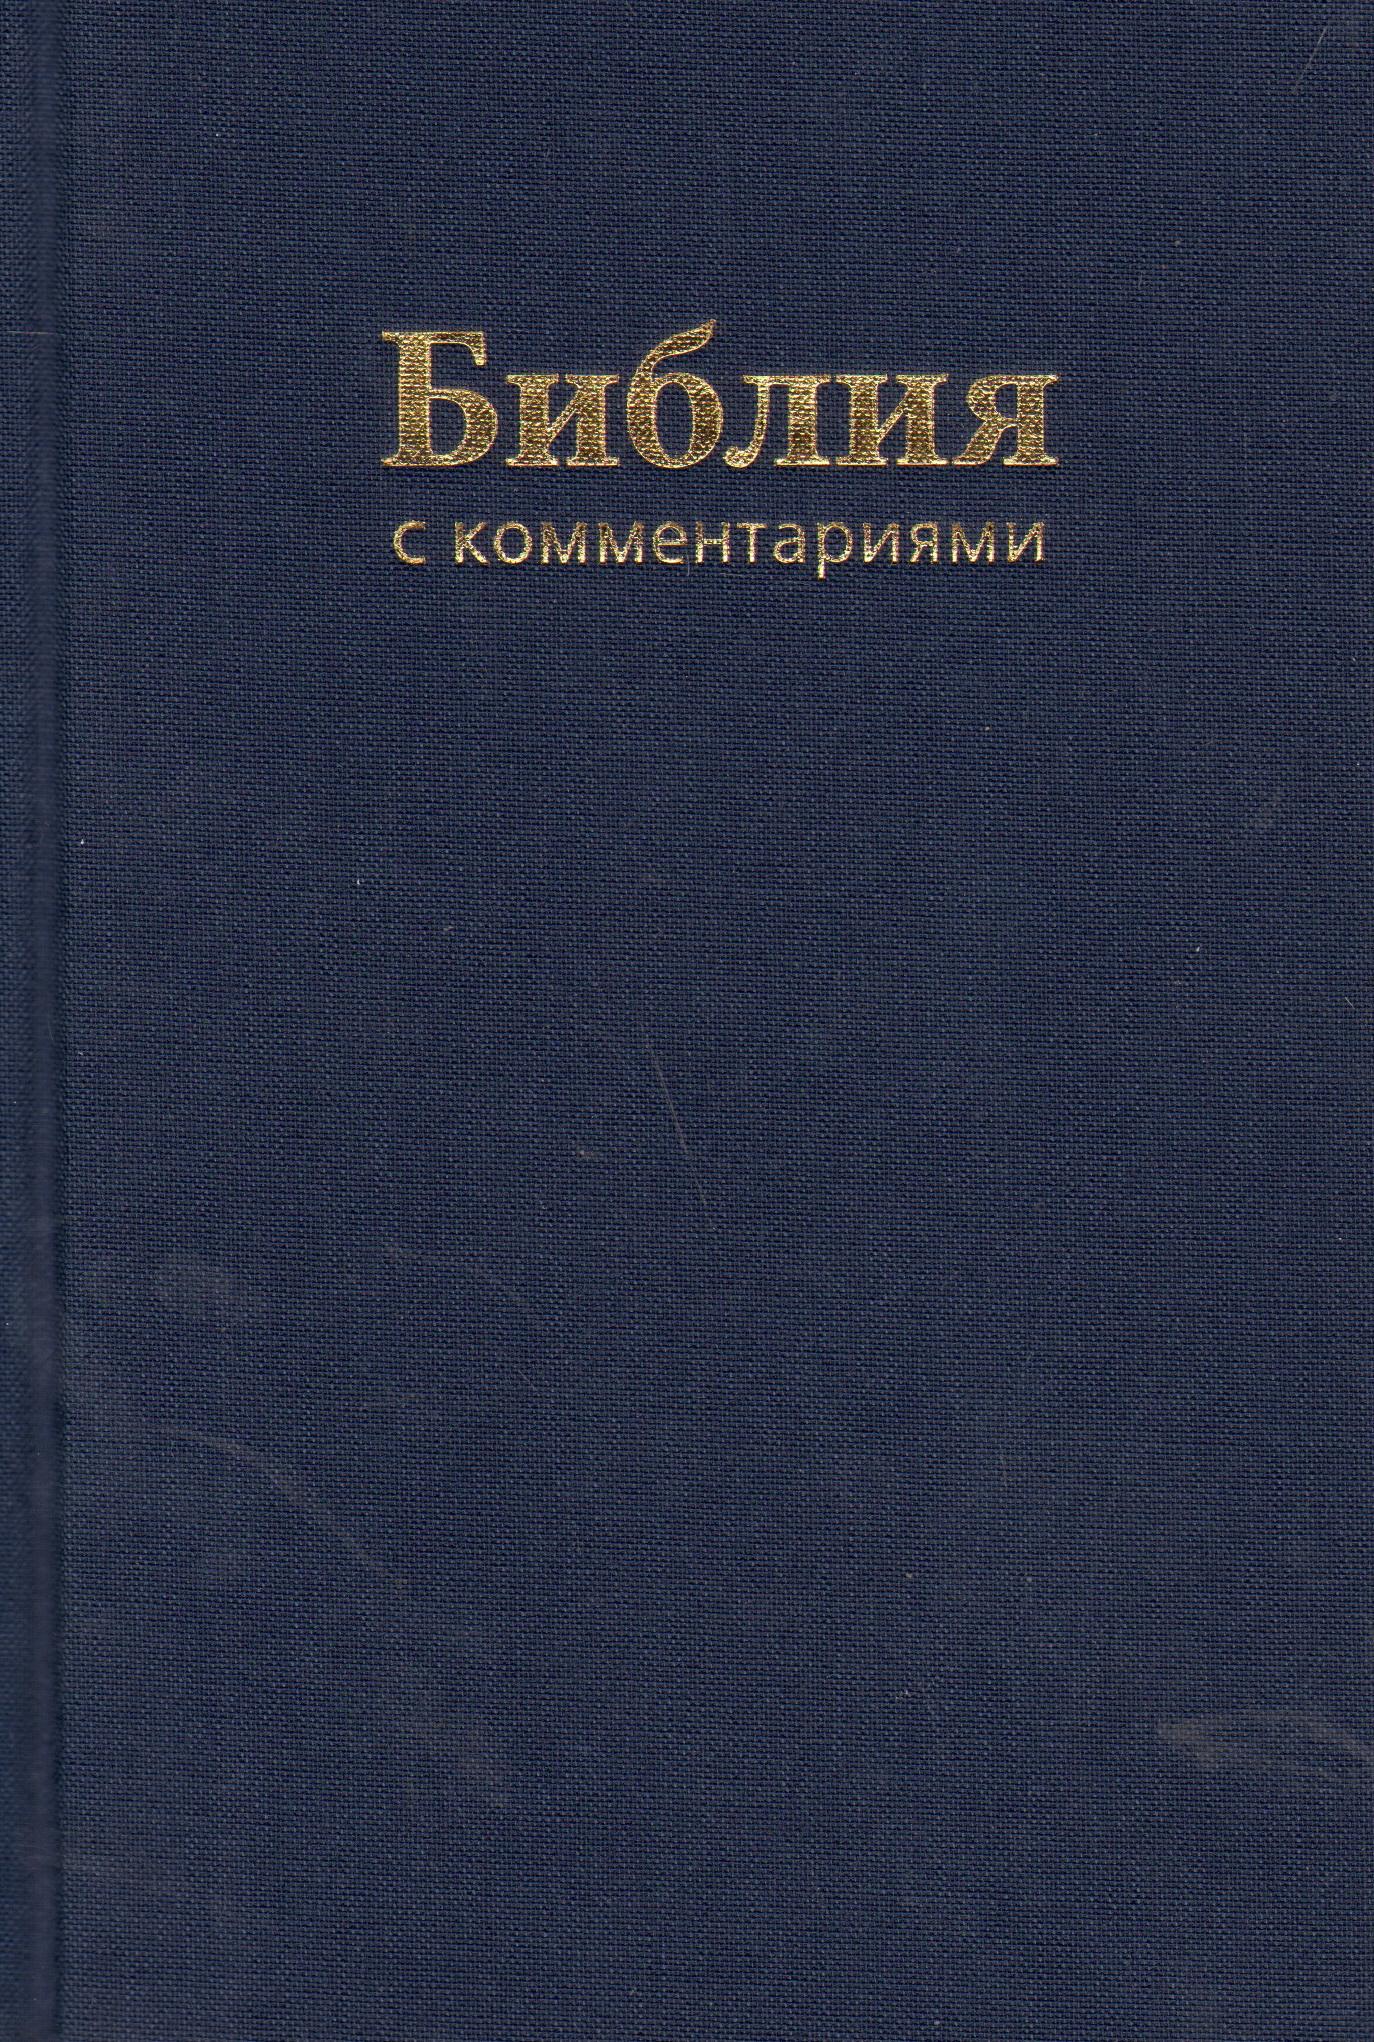 Библия (1179)043DC TI с коммен.(син.)